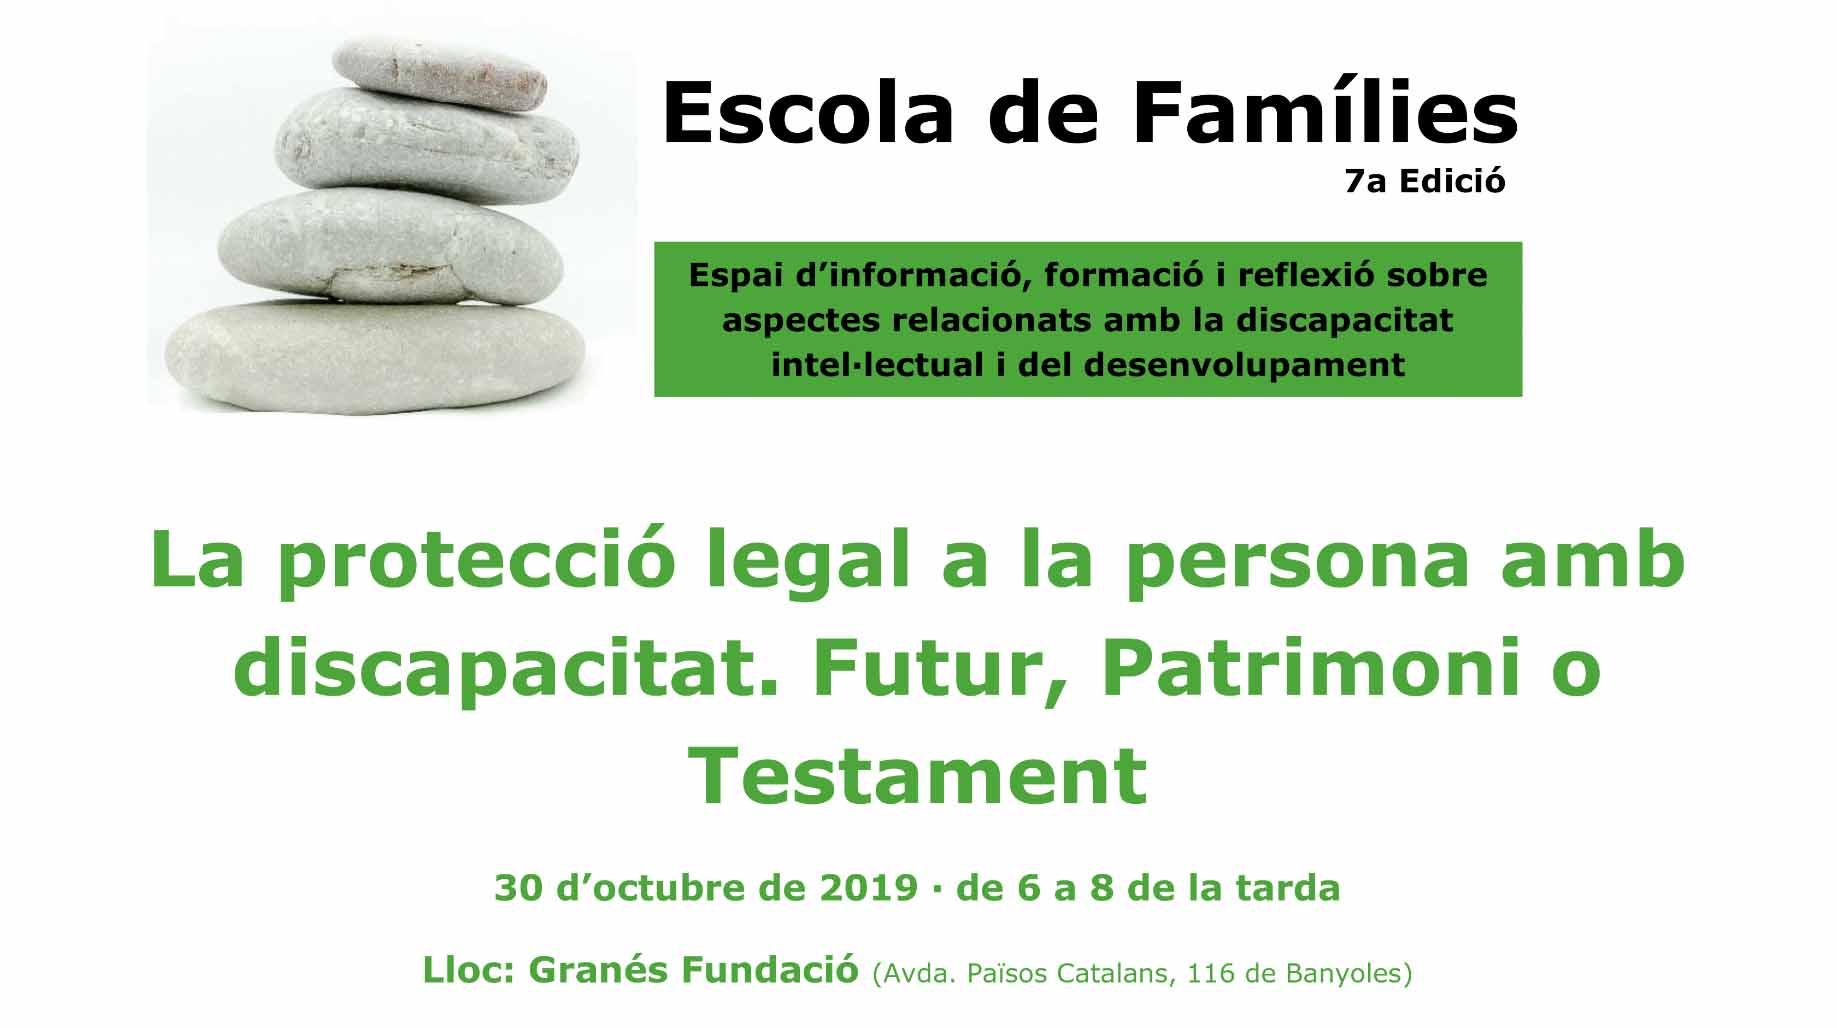 Escola De Famílies A La Seu De Granés Fundació: Protecció Legal A Les Persones Amb Discapacitat